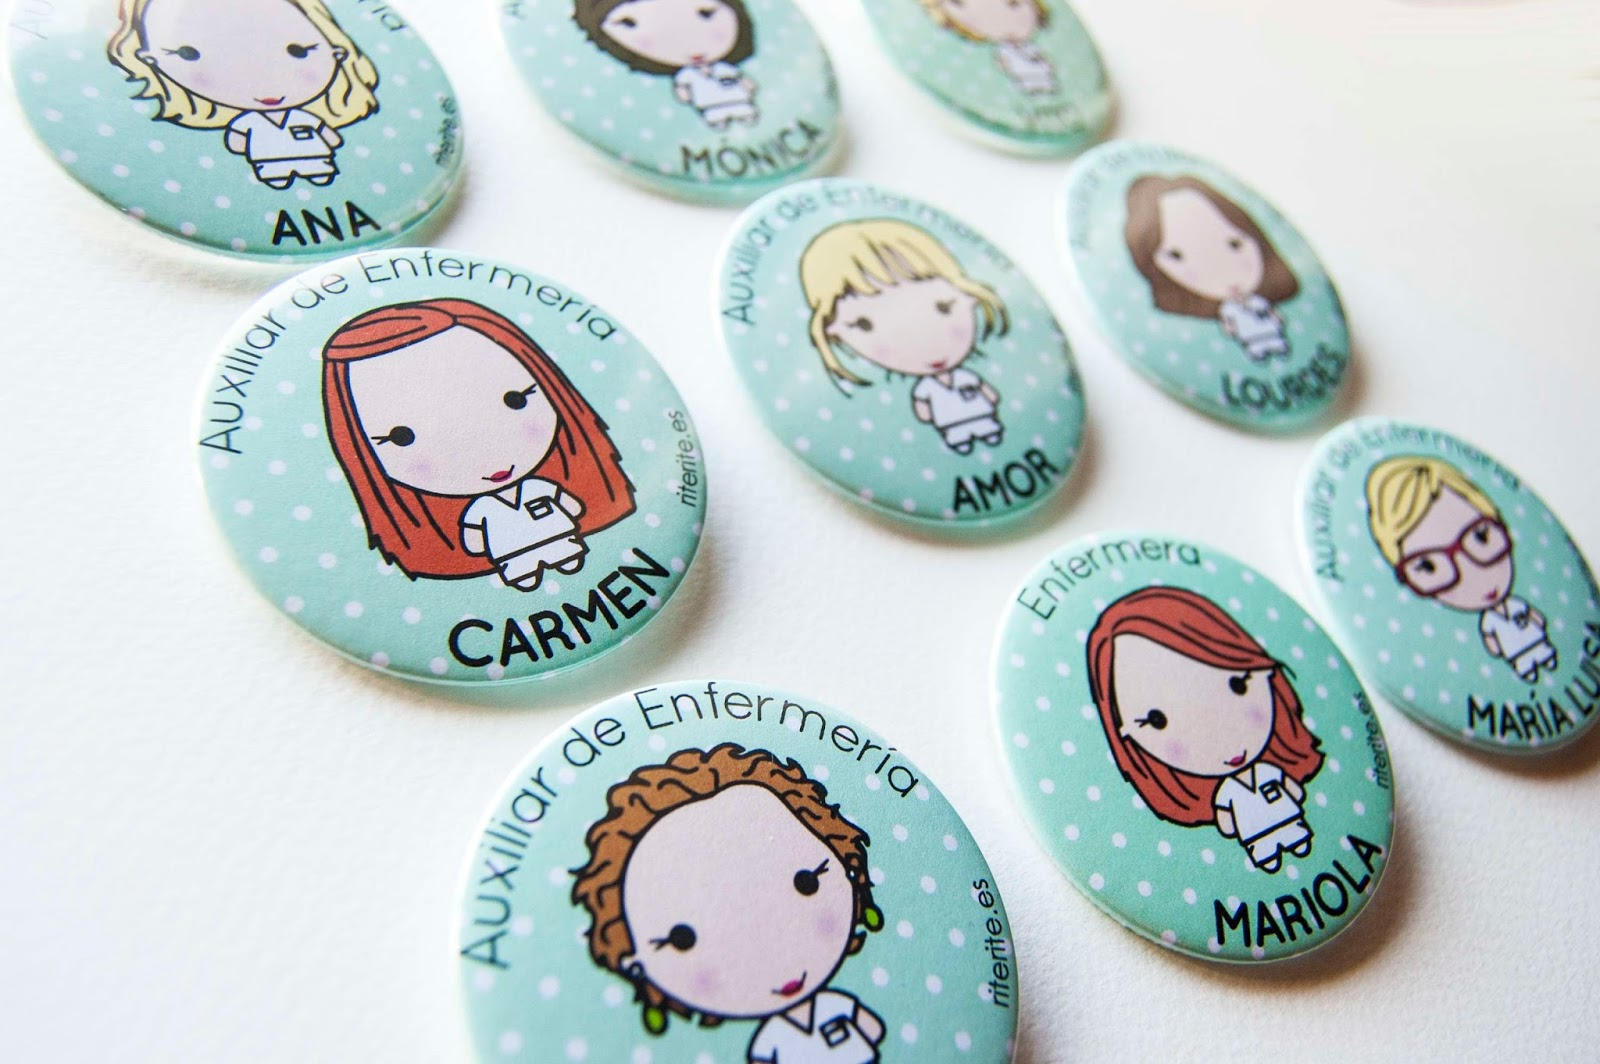 Rite rite chapas personalizadas auxiliares de enfermer a - Regalos para enfermeras ...